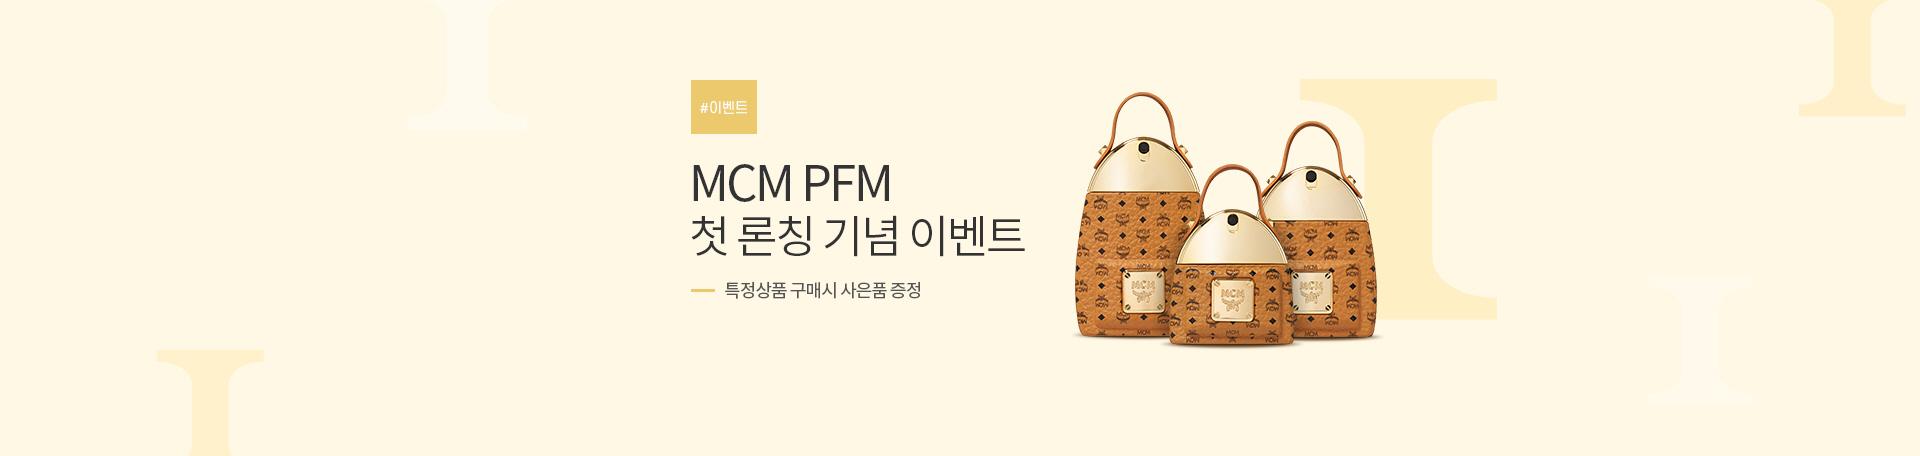 MCM 향수 첫 런칭 기념 프로모션